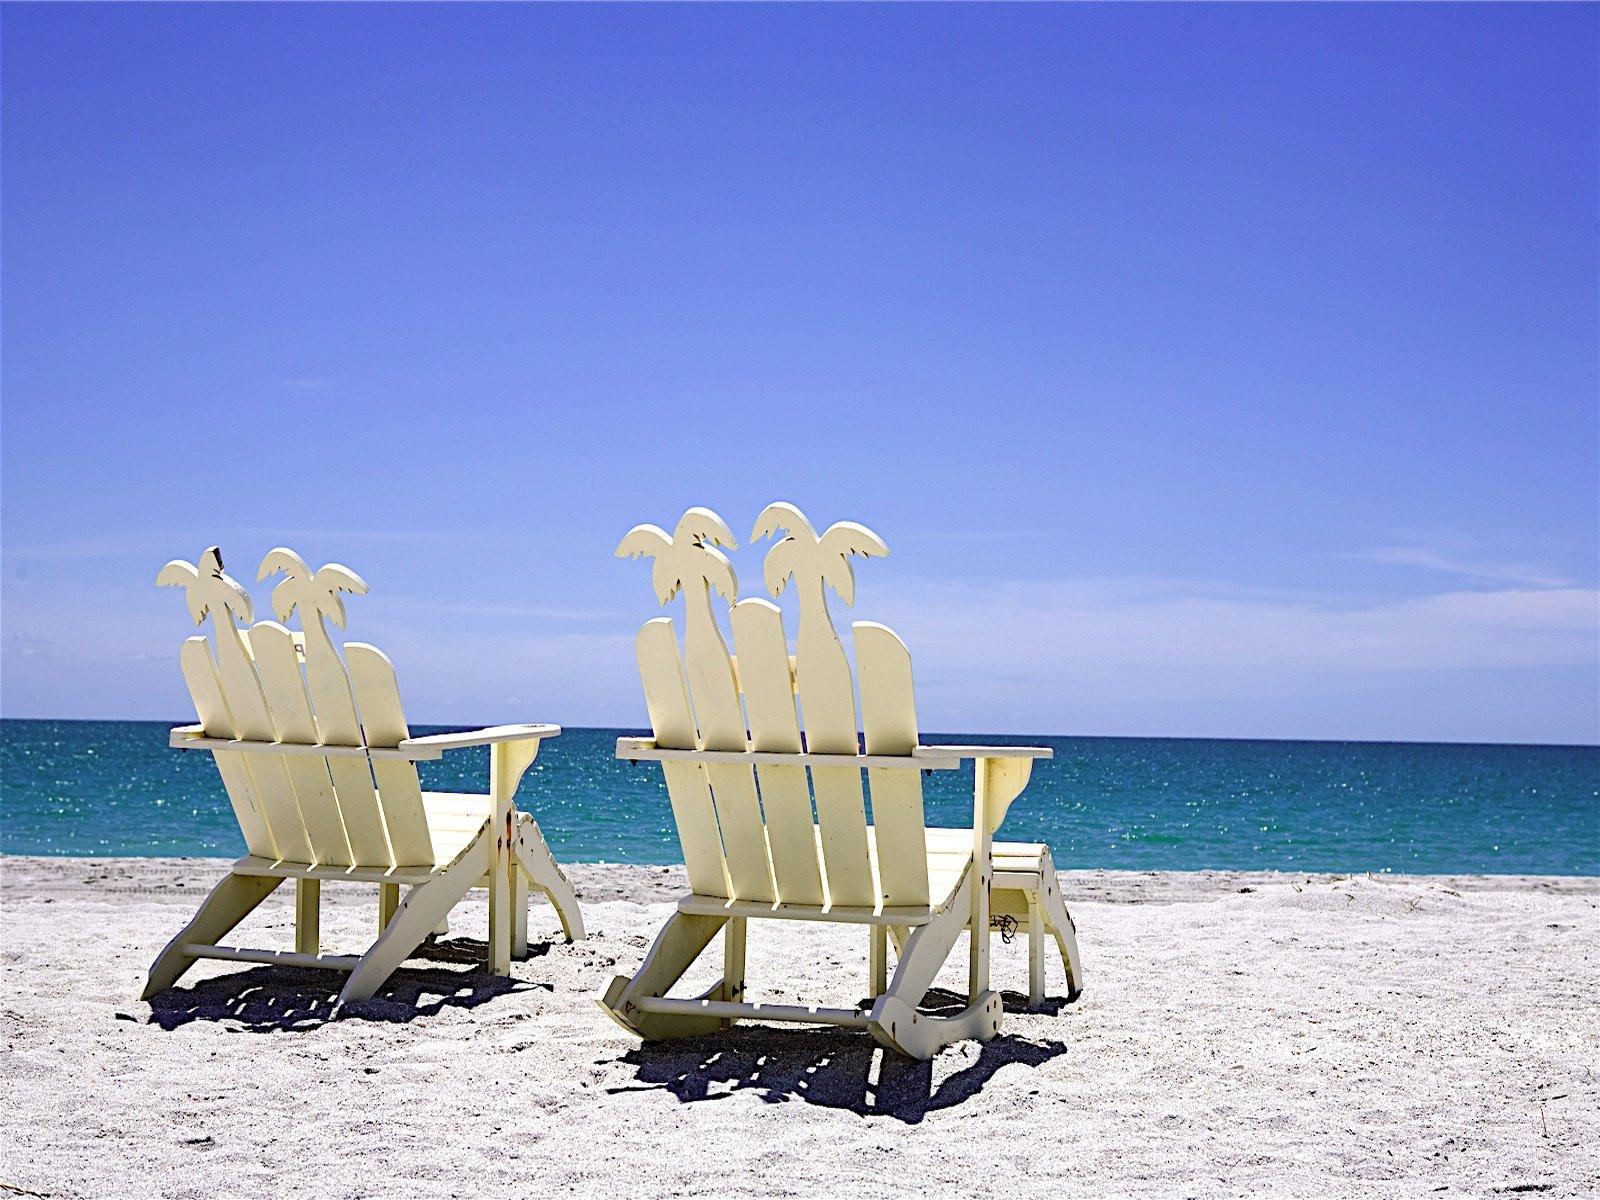 Beach Chair Desktop Wallpaper: [45+] Beach Chairs Wallpaper On WallpaperSafari